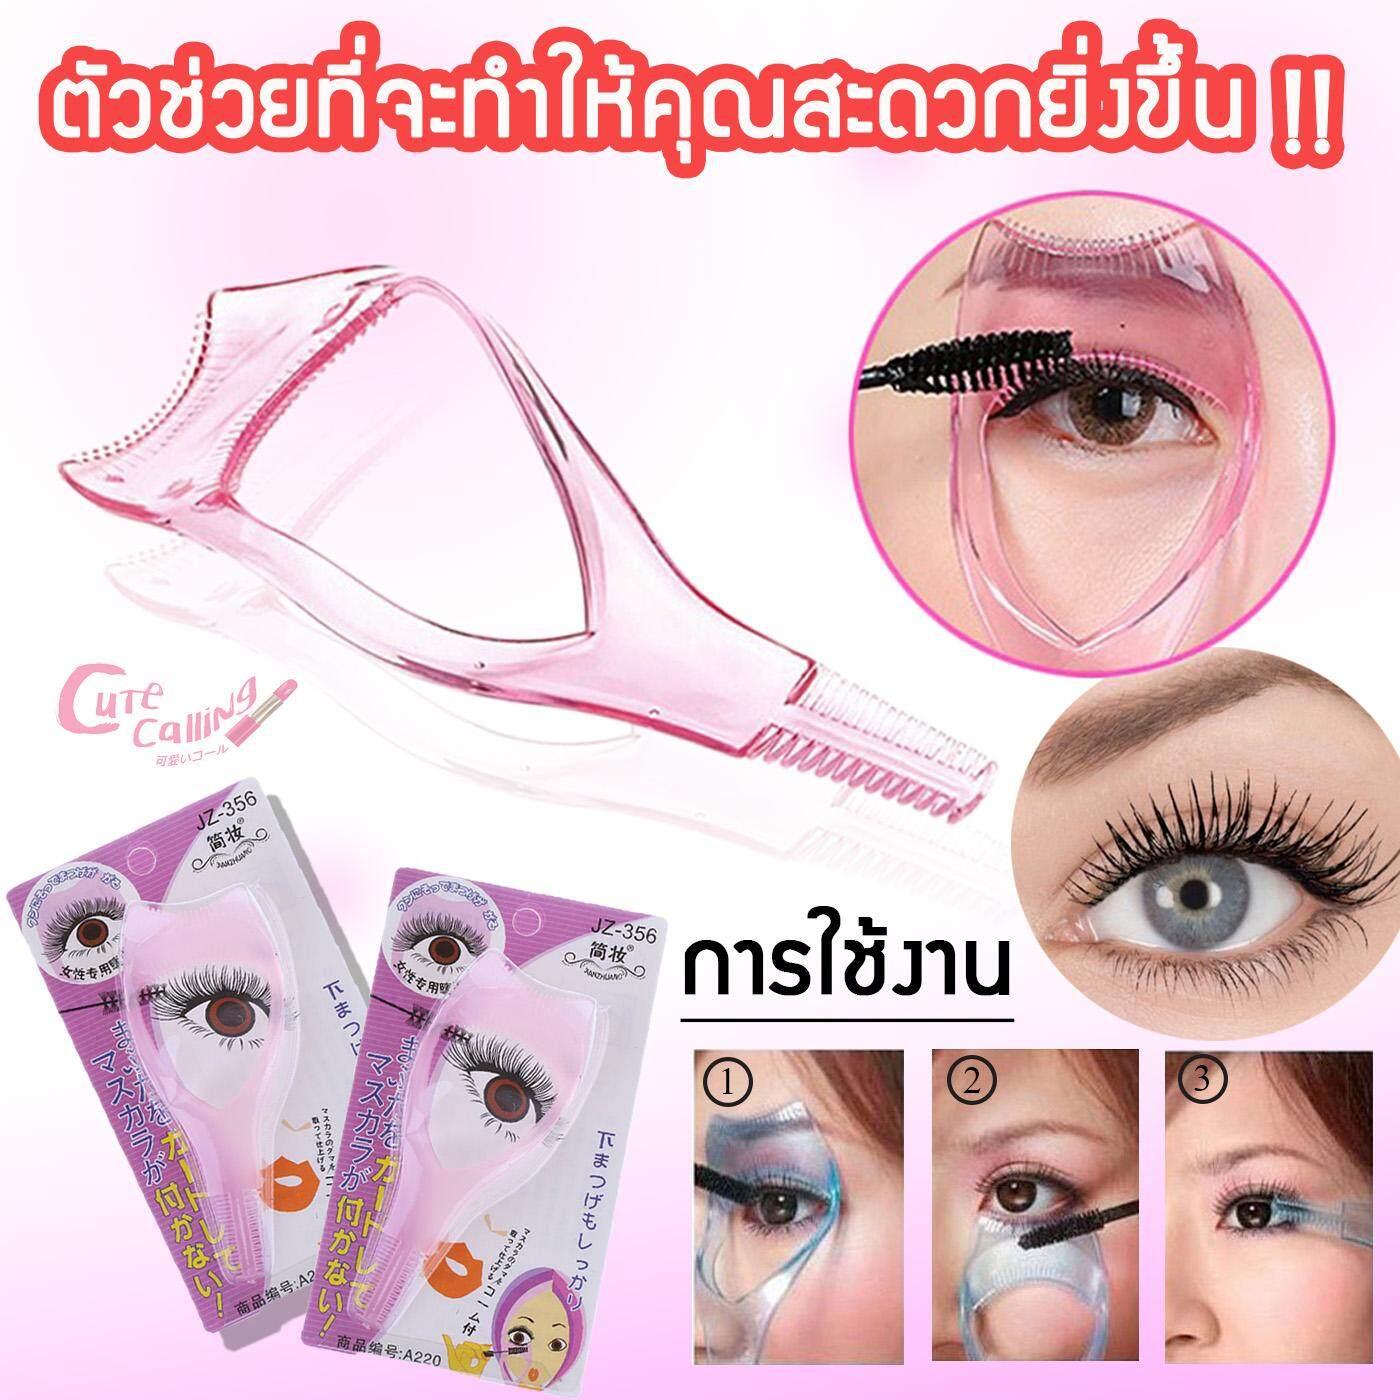 Japan Eyelash Baffle อุปกรณ์ช่วยปัดมาสคาร่า ขนตายาวหนา เรียงเส้นสวย ไม่เลอะขอบตา (สีชมพู) image